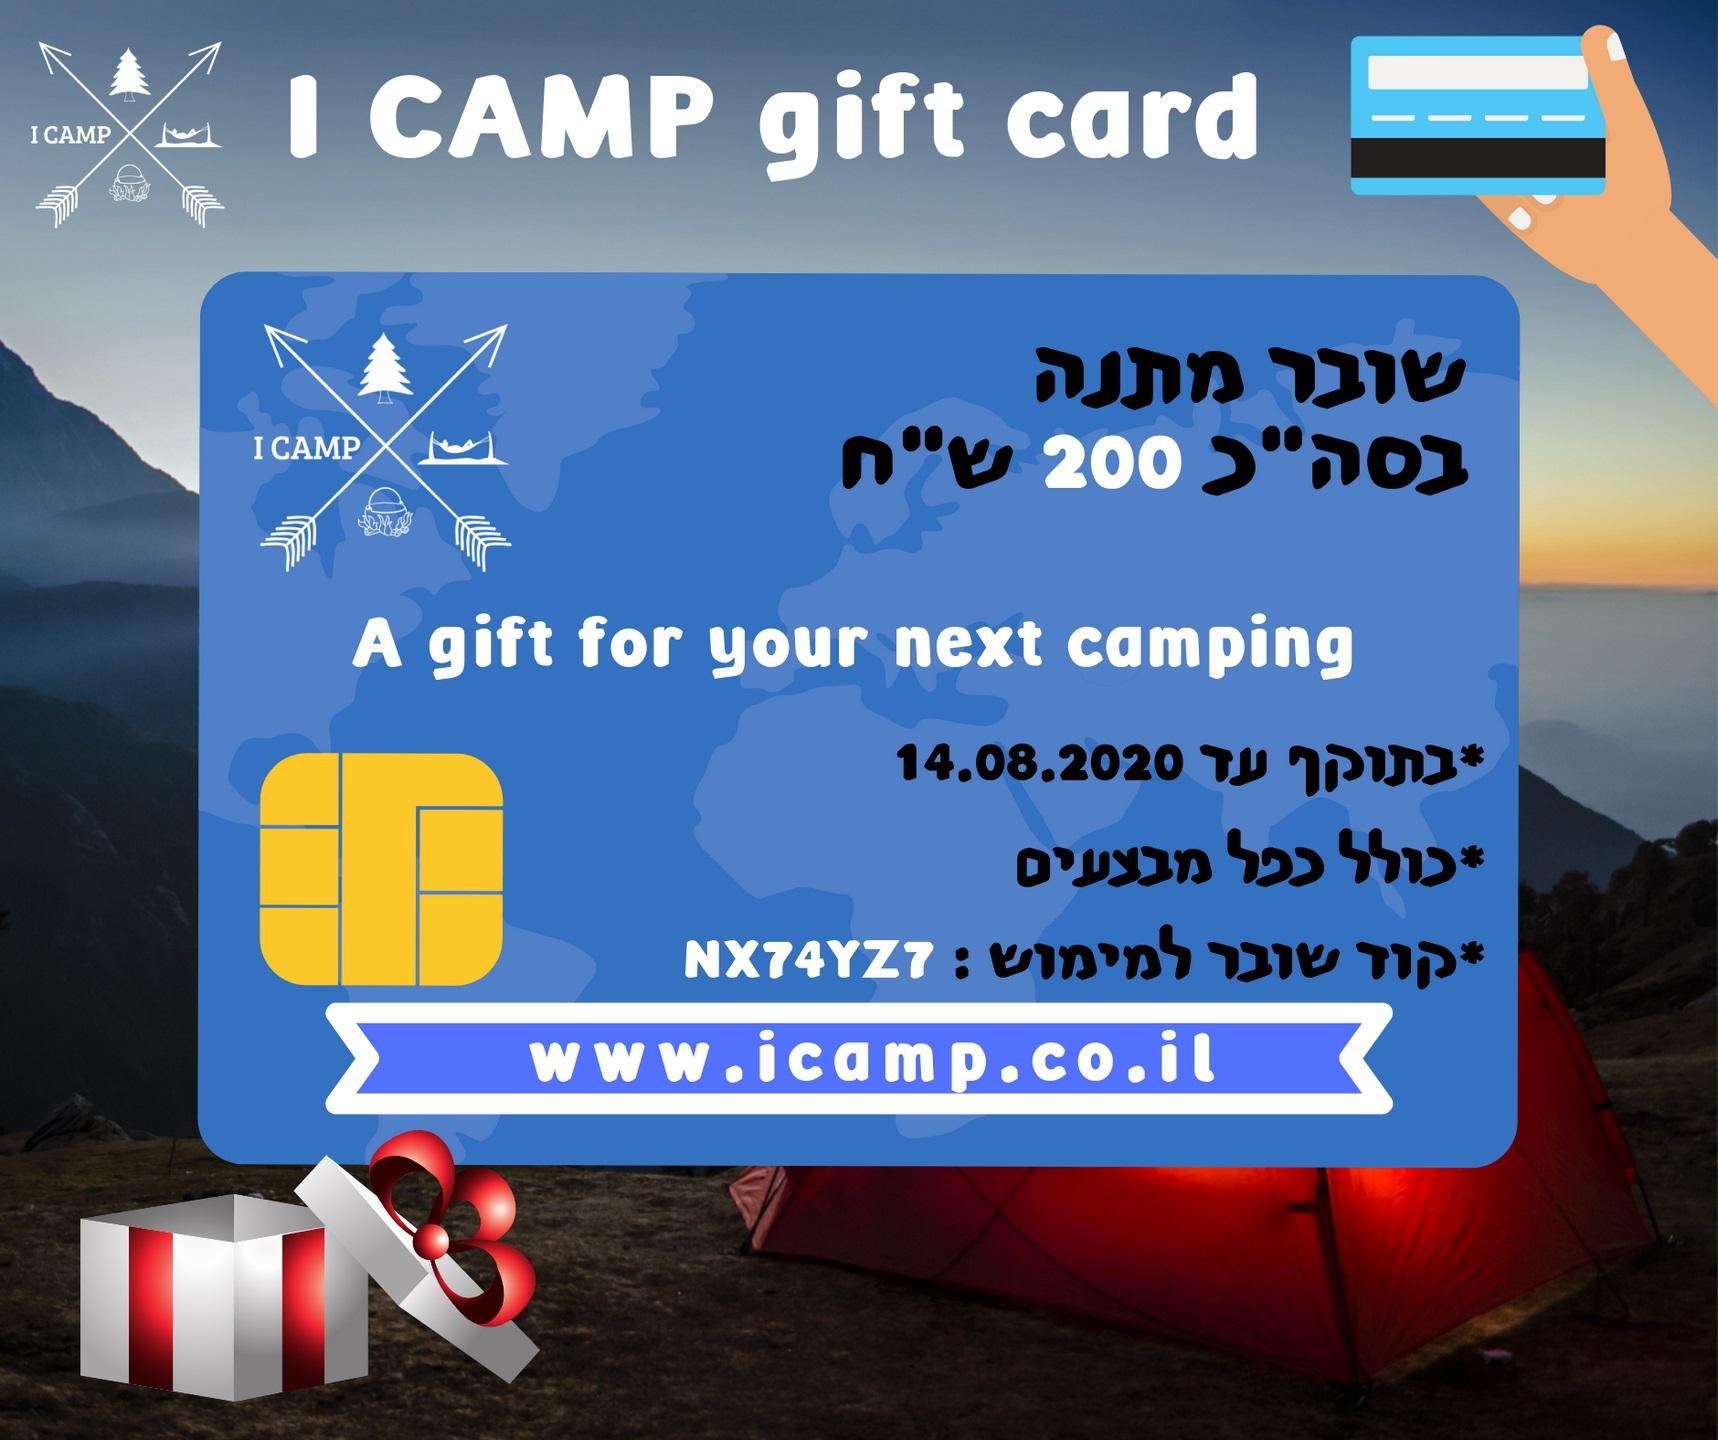 i camp gift card